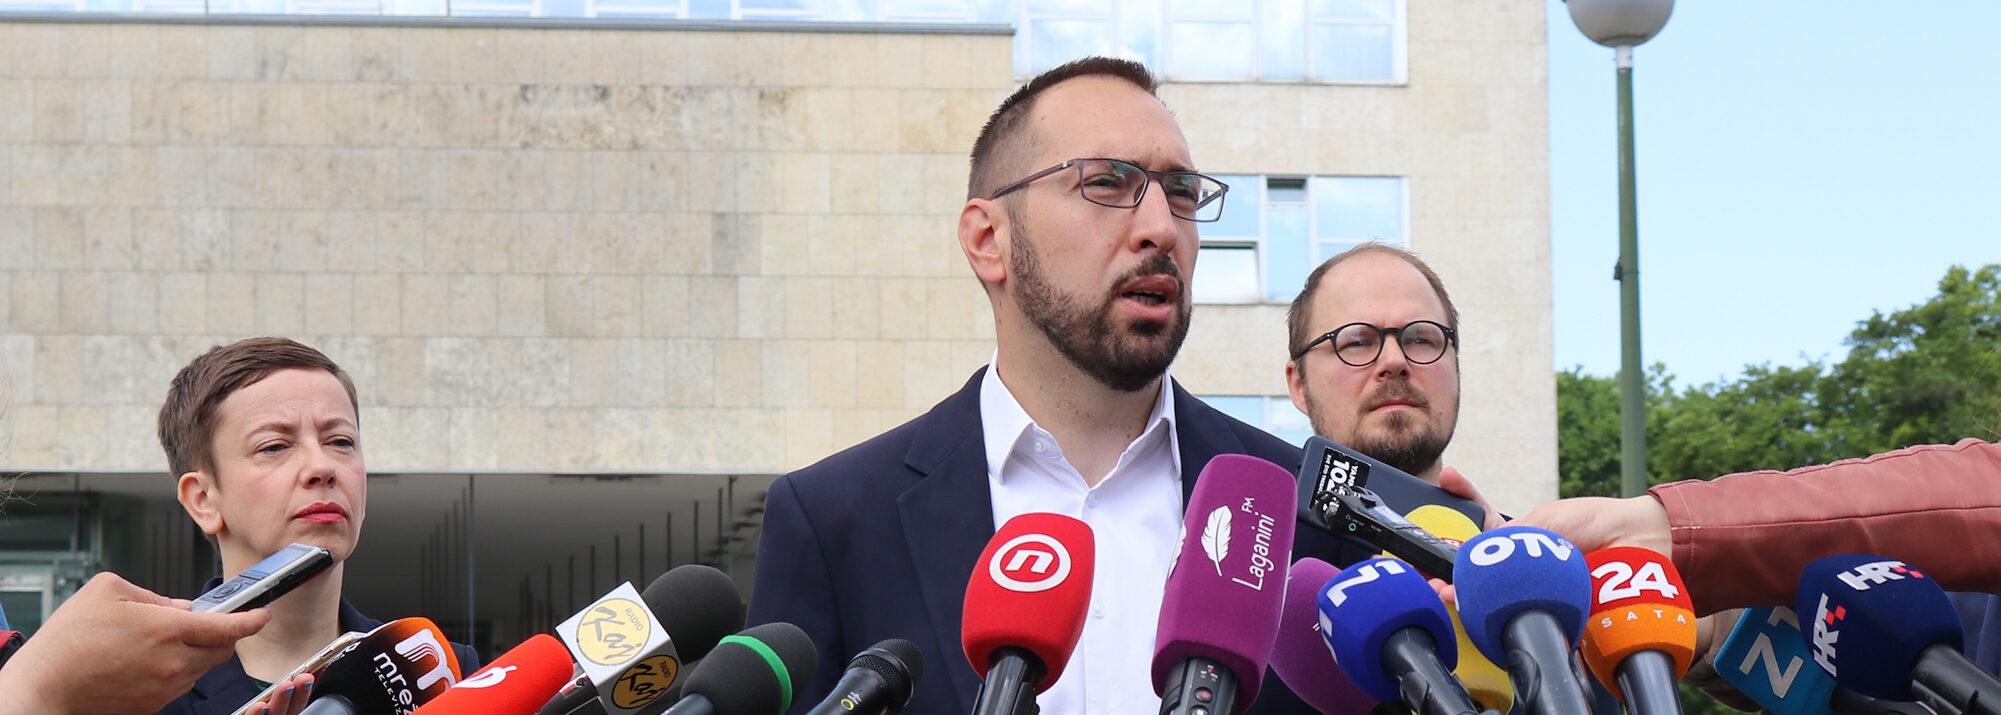 Primopredaja vlasti u Zagrebu: upravljat ćemo odgovorno, transparentno i efikasno